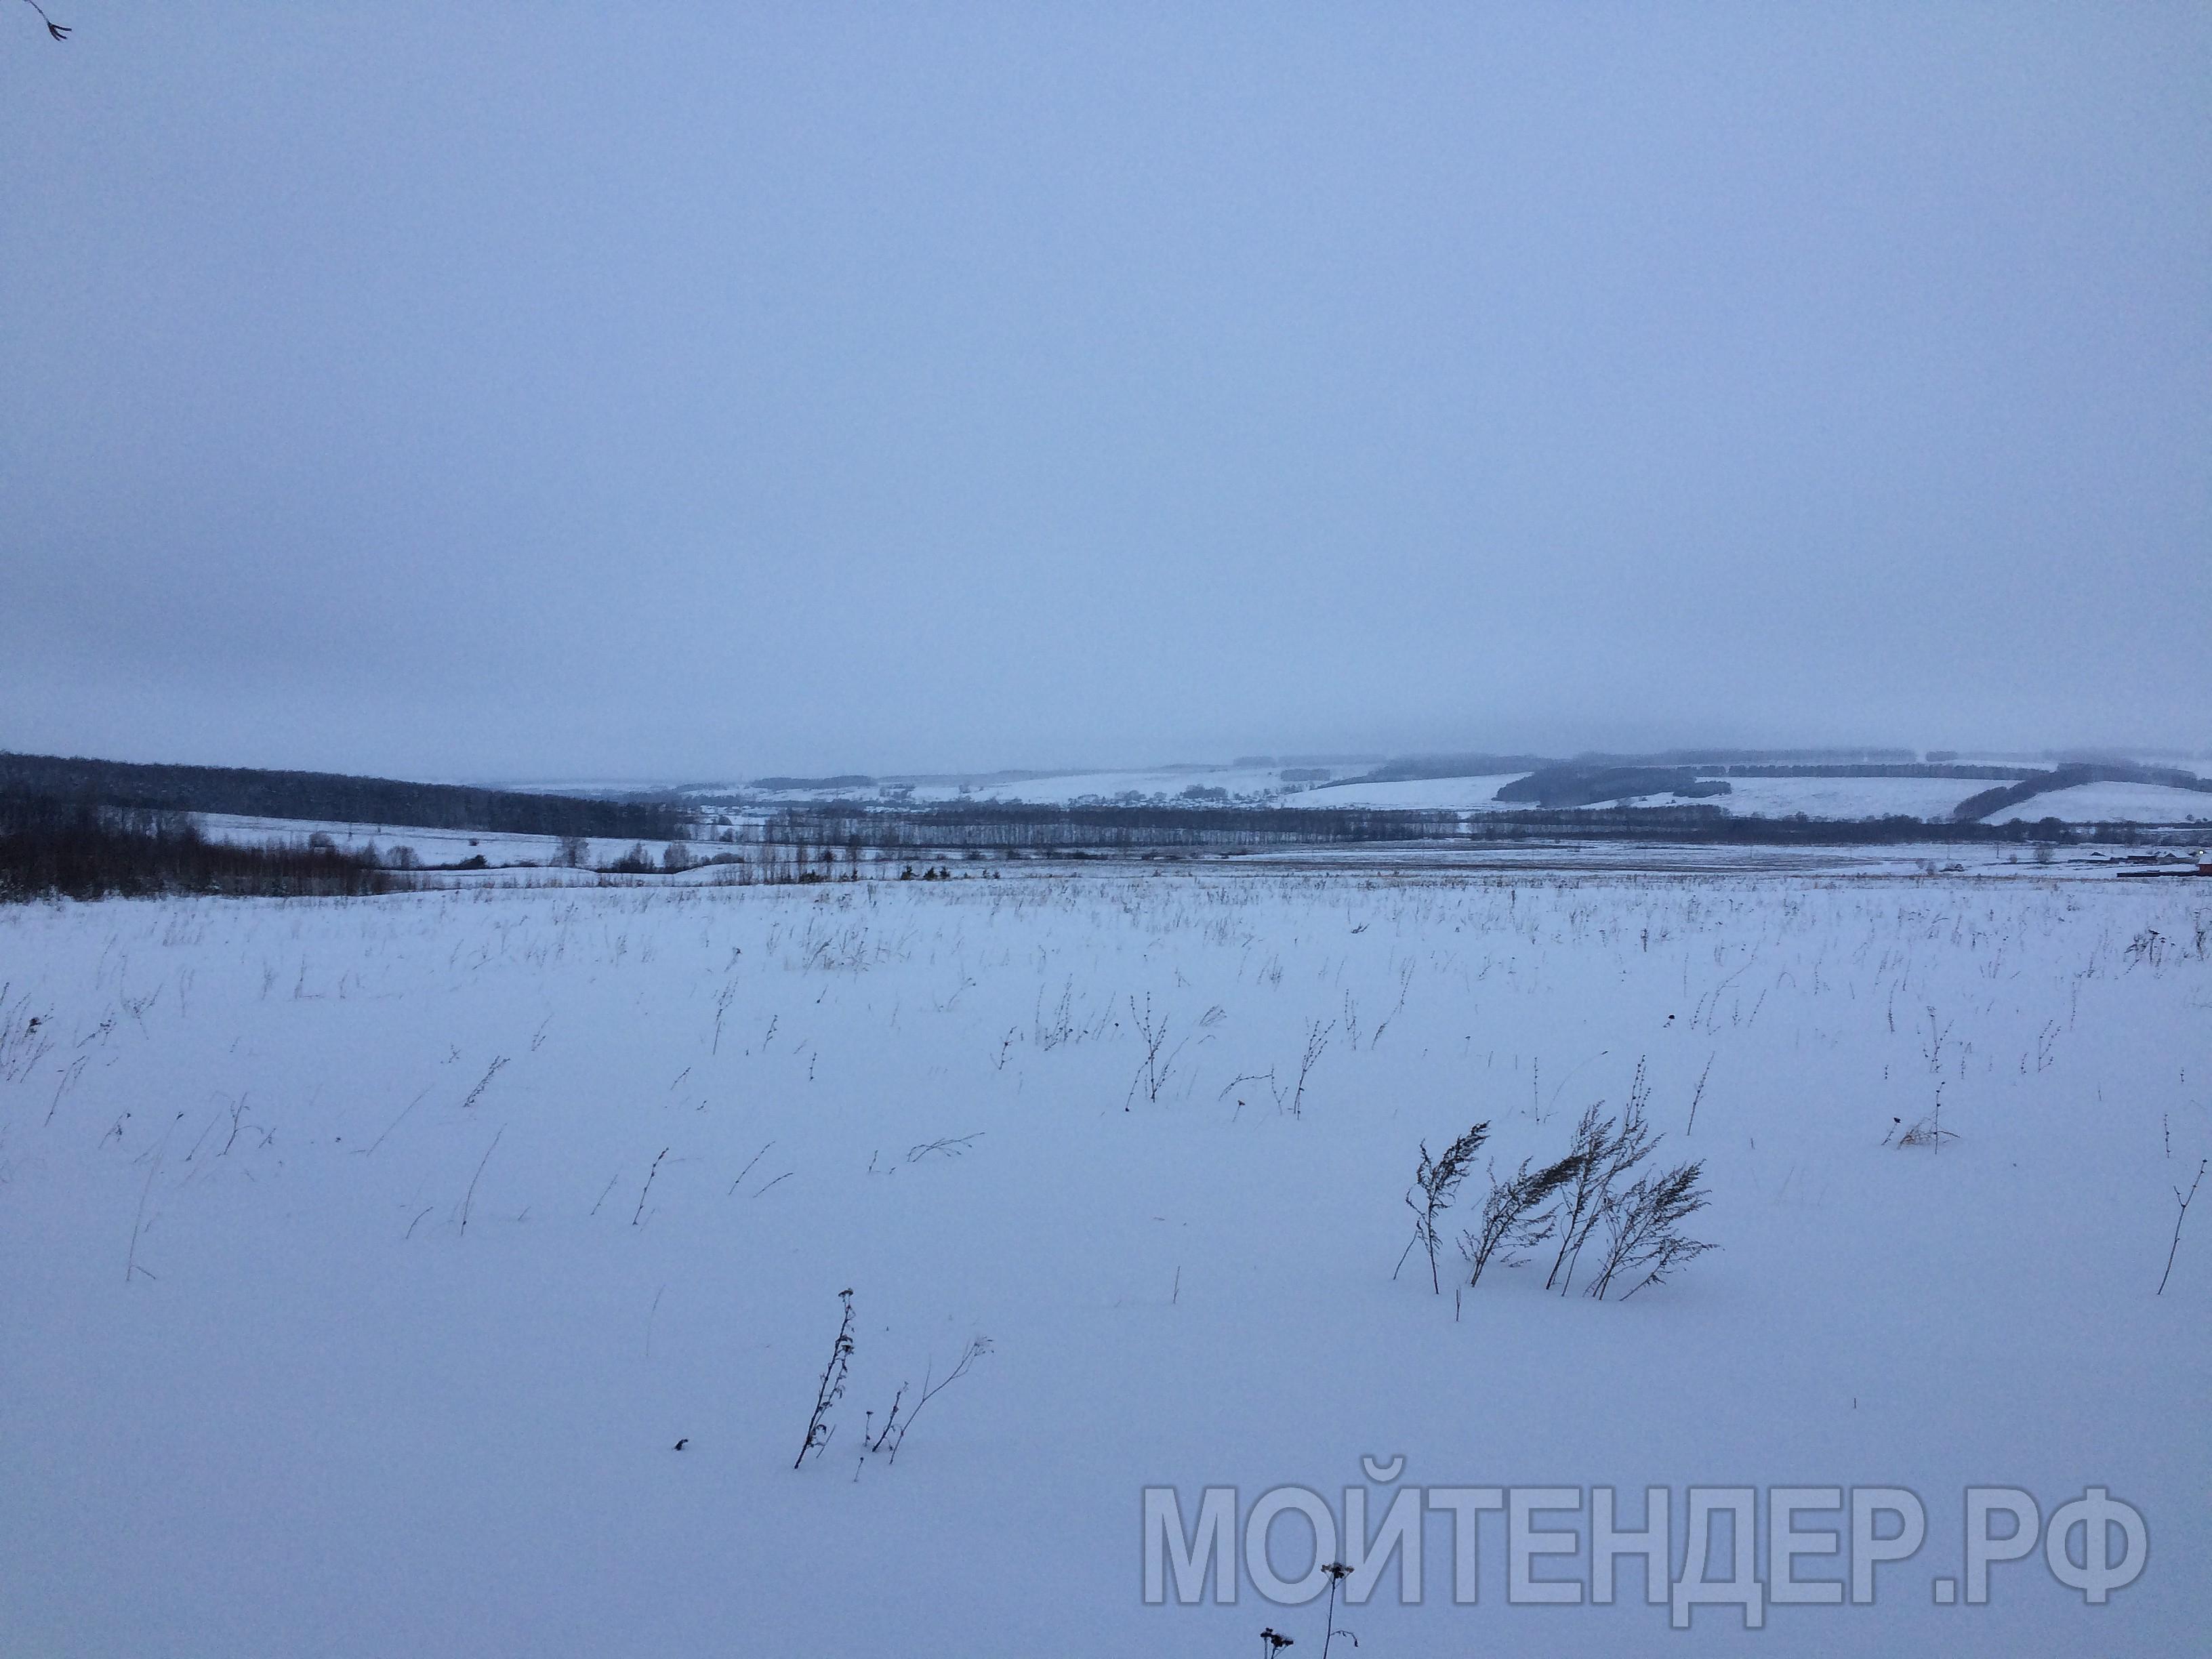 Мойтендер.рф-576-16-11267: Фото 4